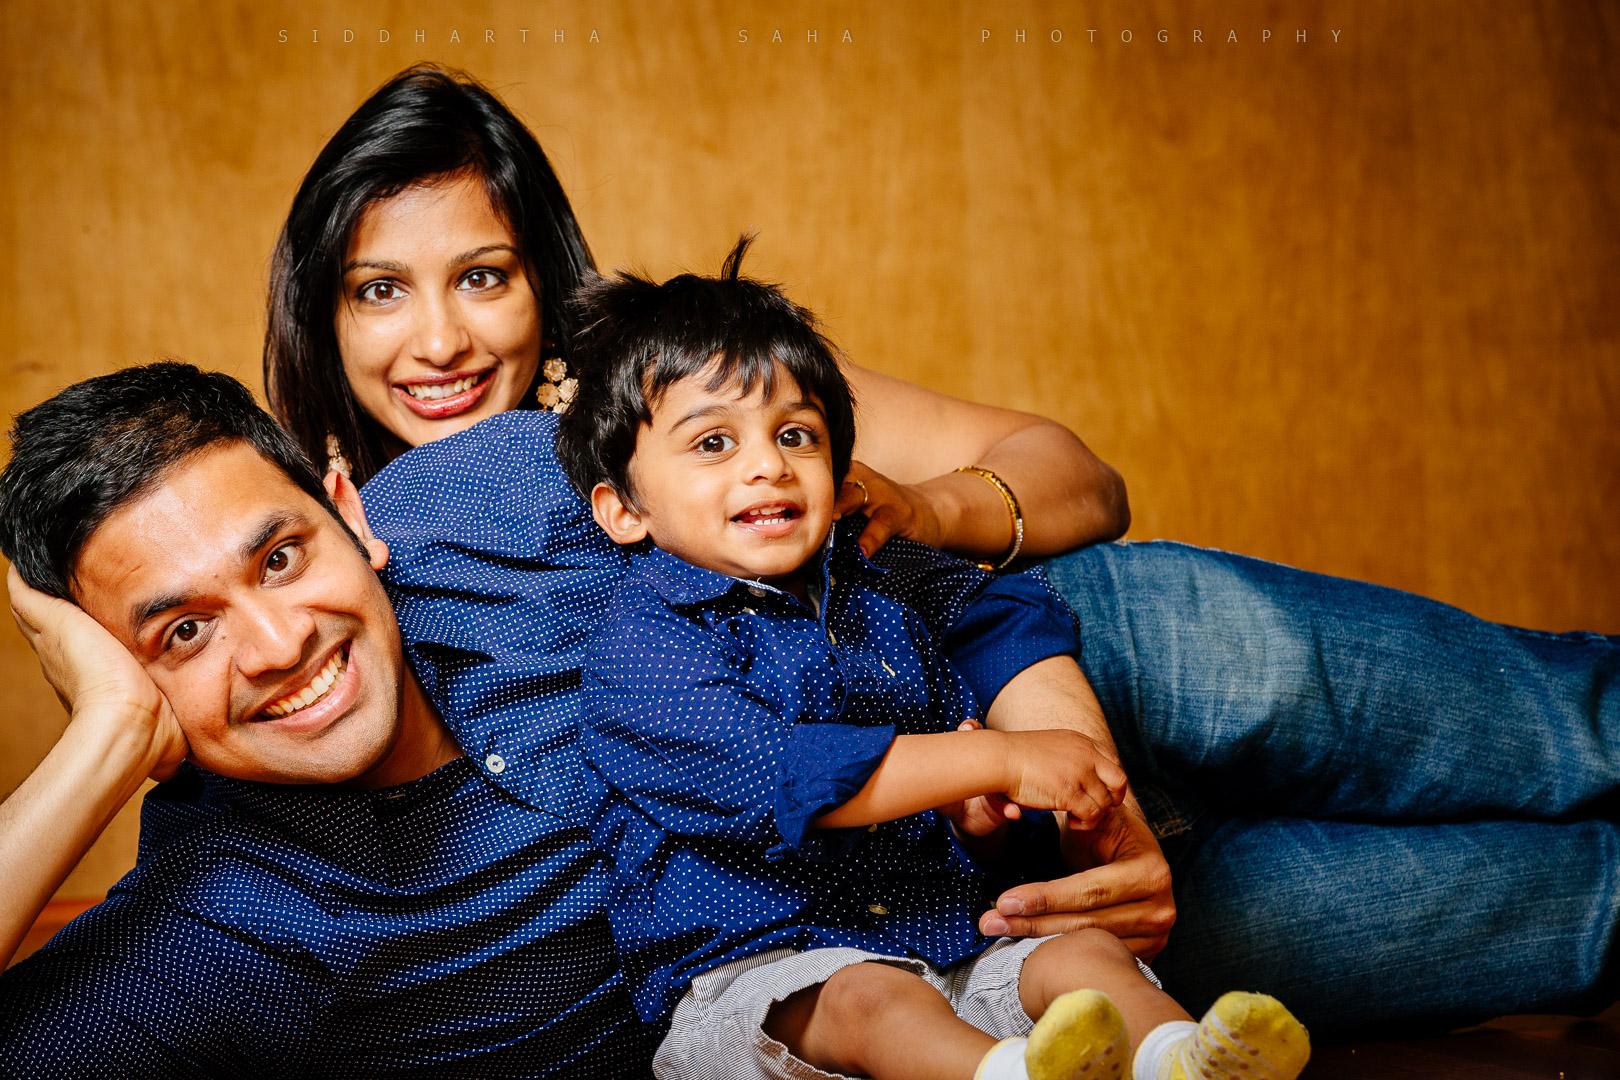 2015-06-14 - Ranjani Naveen Vihaan Photoshoot - _05Y6862